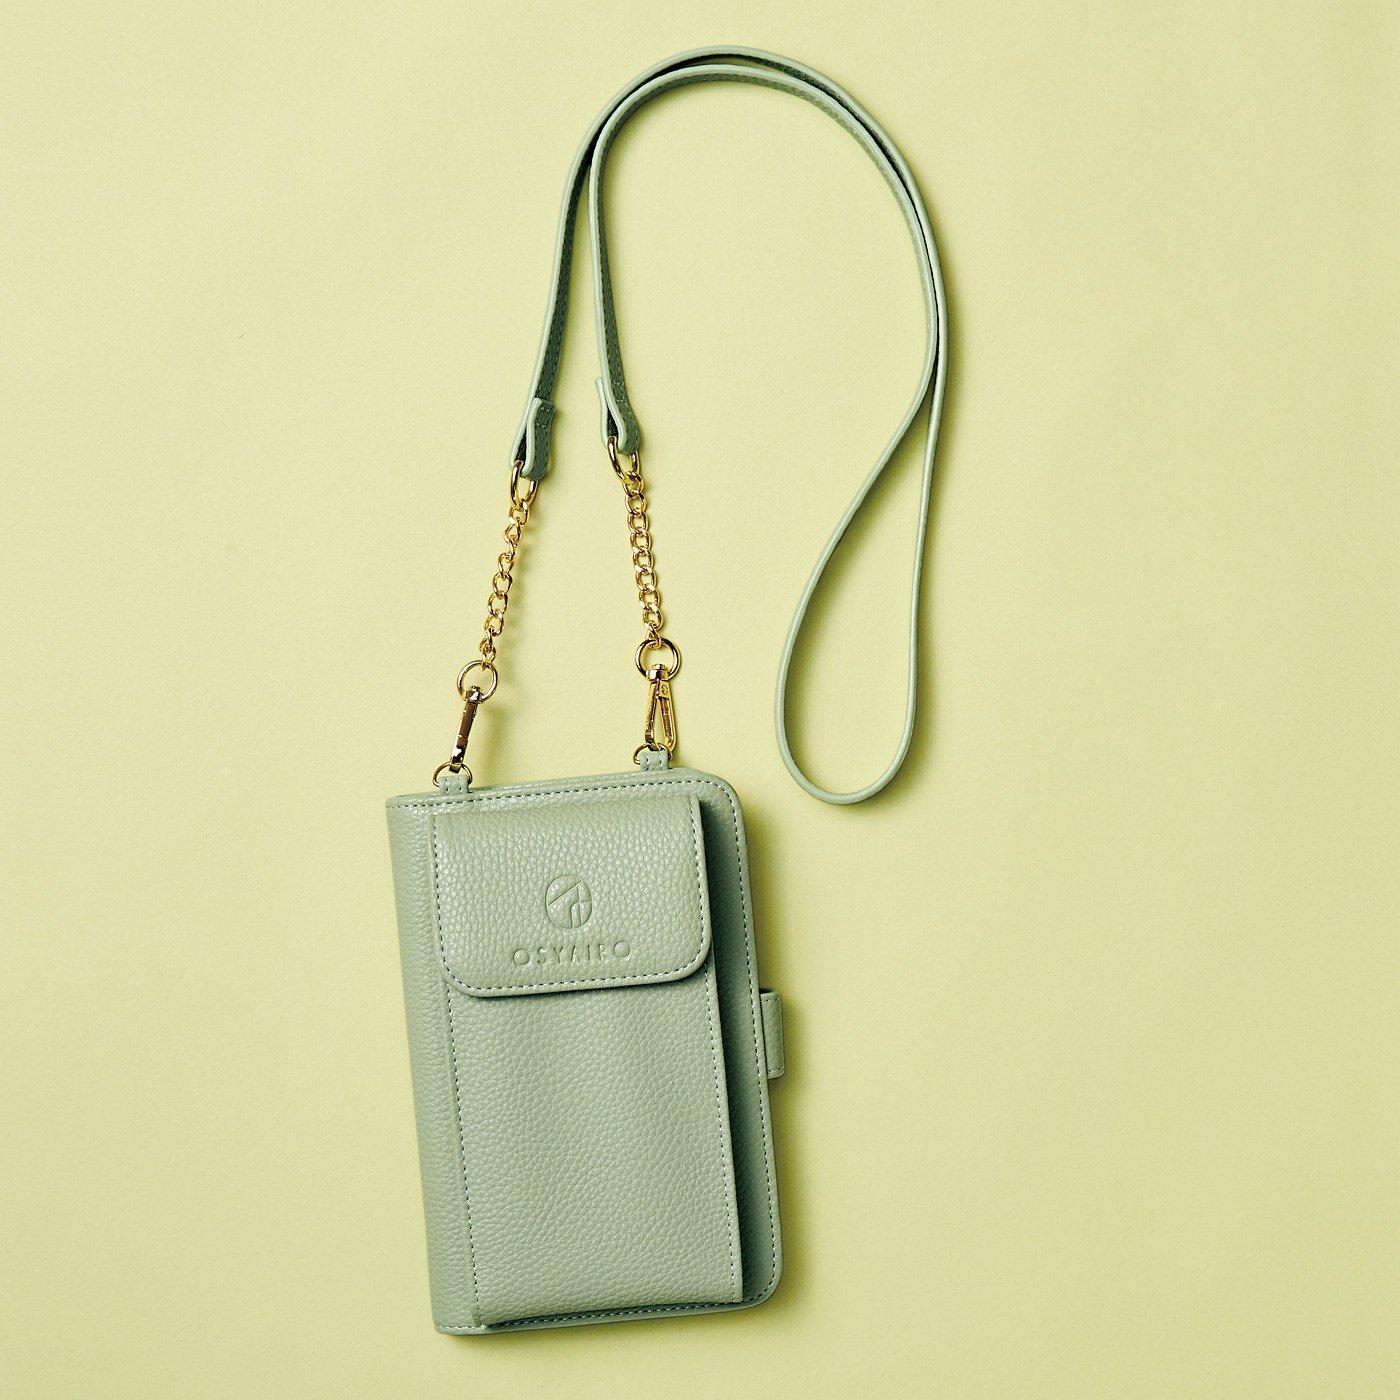 【3~10日でお届け】 OSYAIRO フォトポケットが付いた スマホ&おさいふポーチ〈グリーン〉